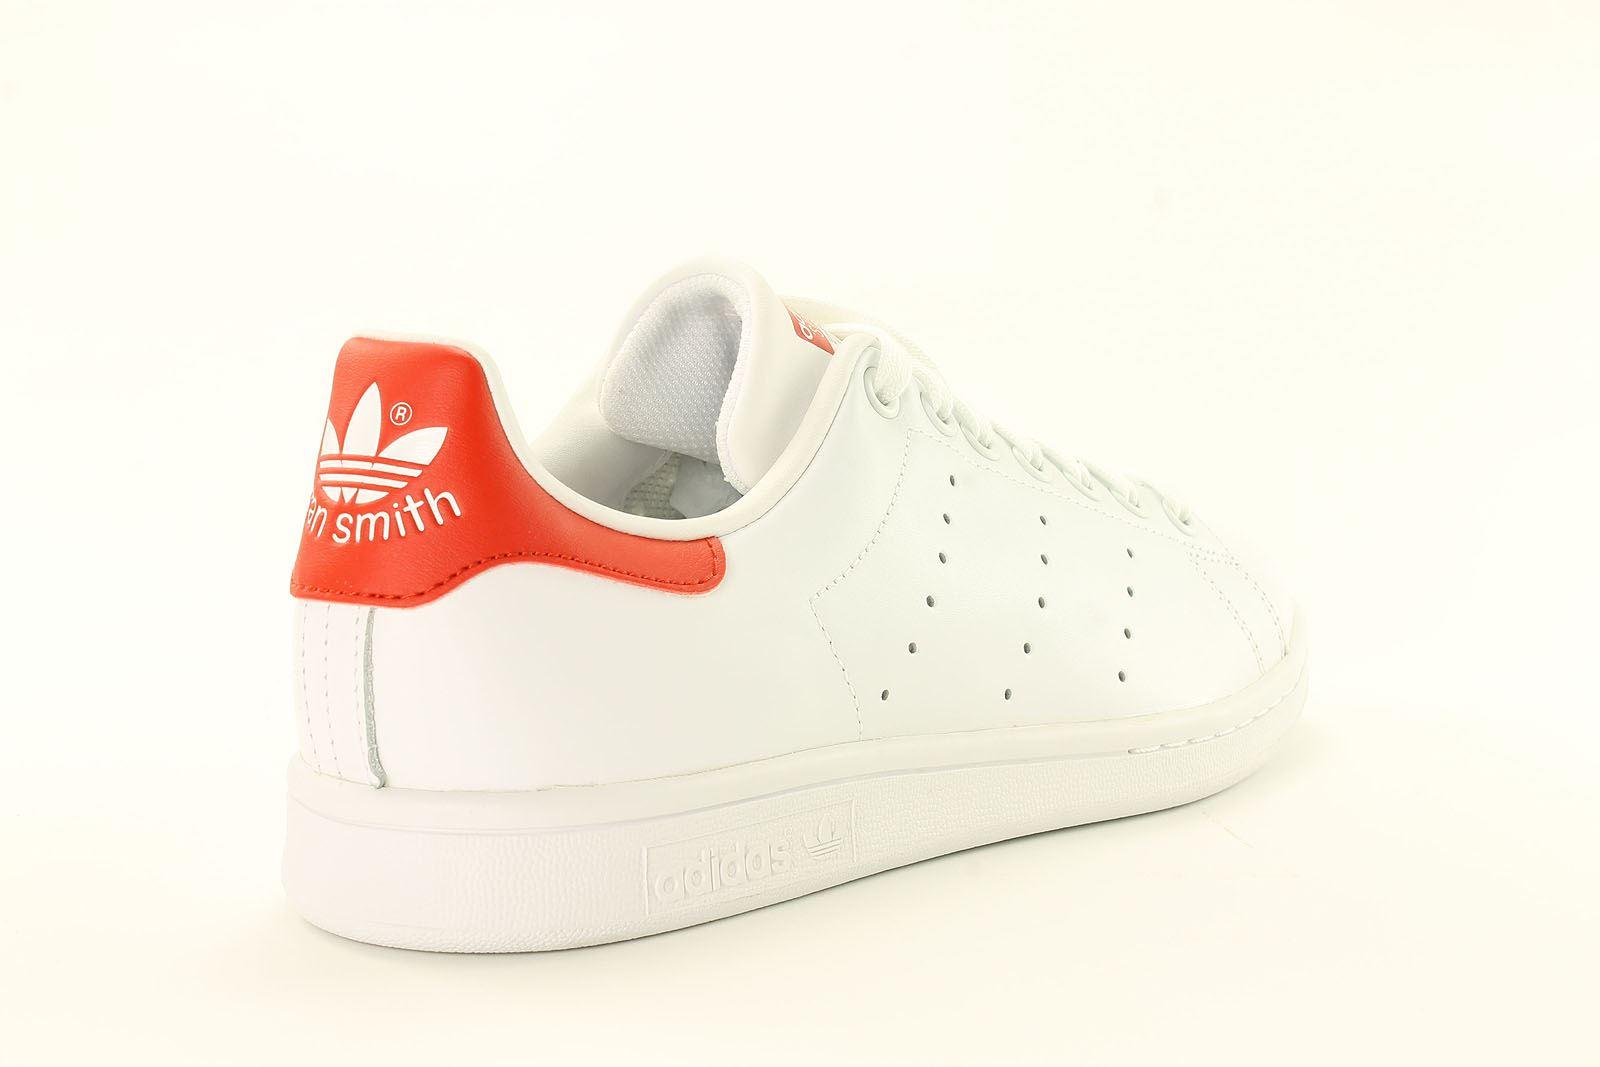 adidas stan smith m20326 mens tennis - originali - noi 4 - 11 solo - regno unito